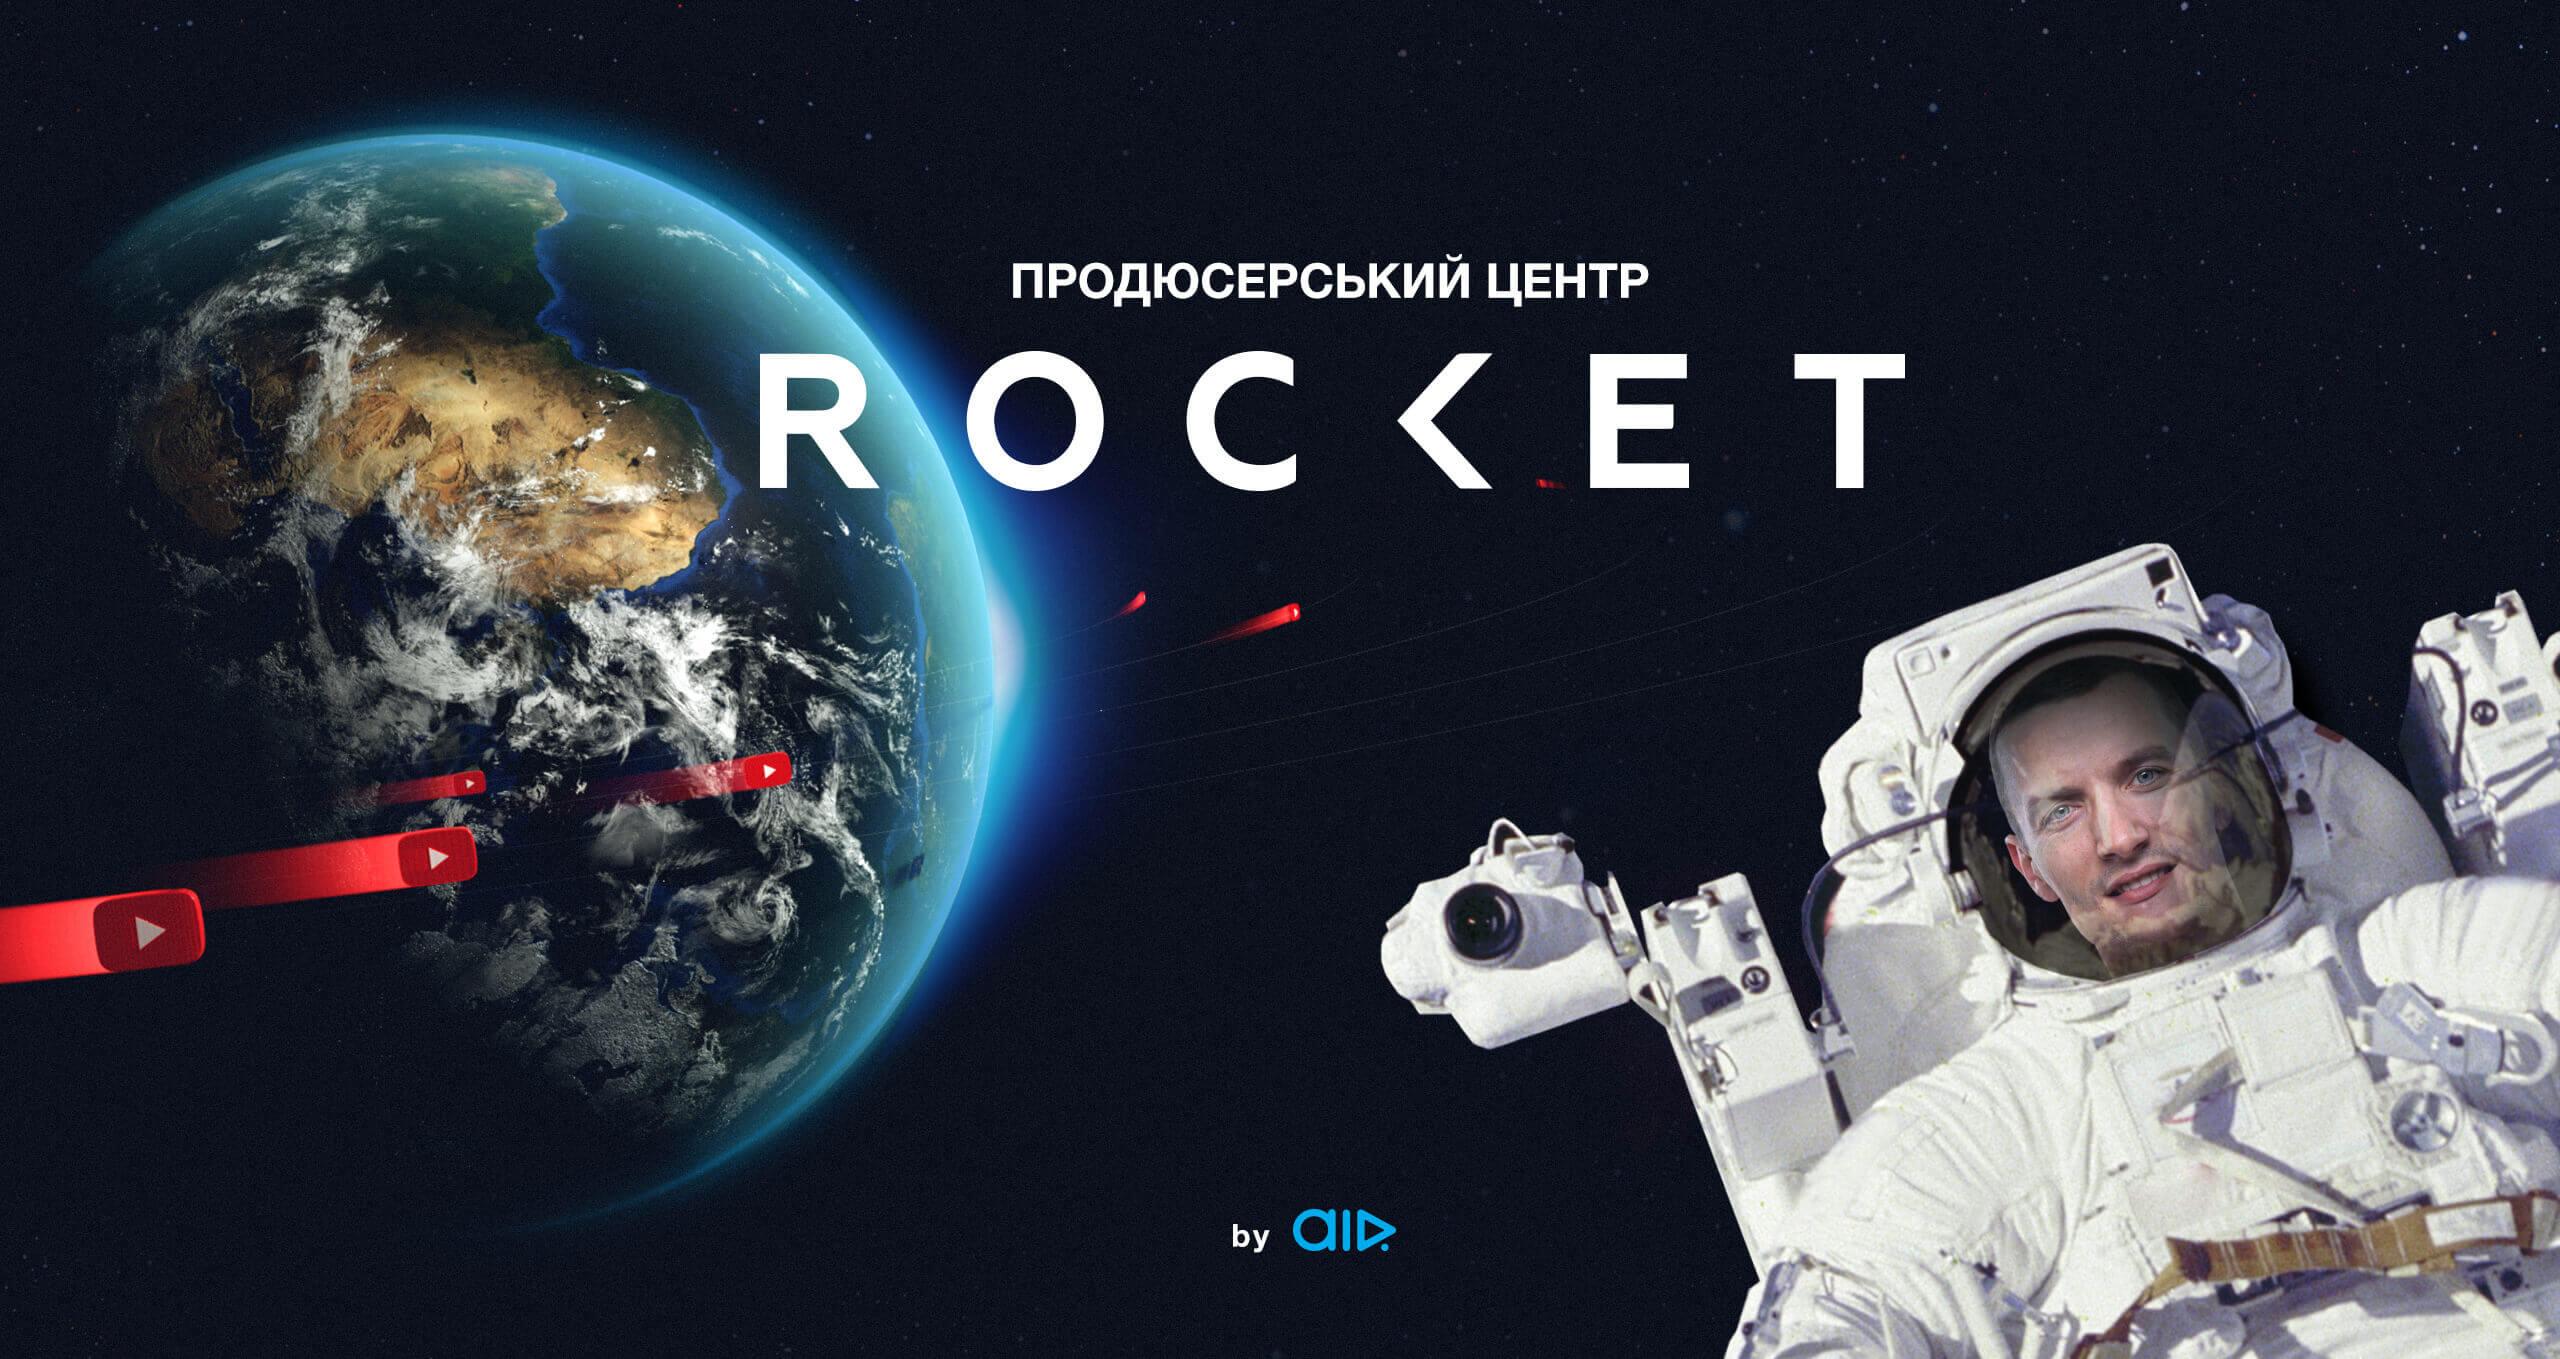 AIR запускає продюсерський центр Rocket і платить гроші за YouTube-контент!